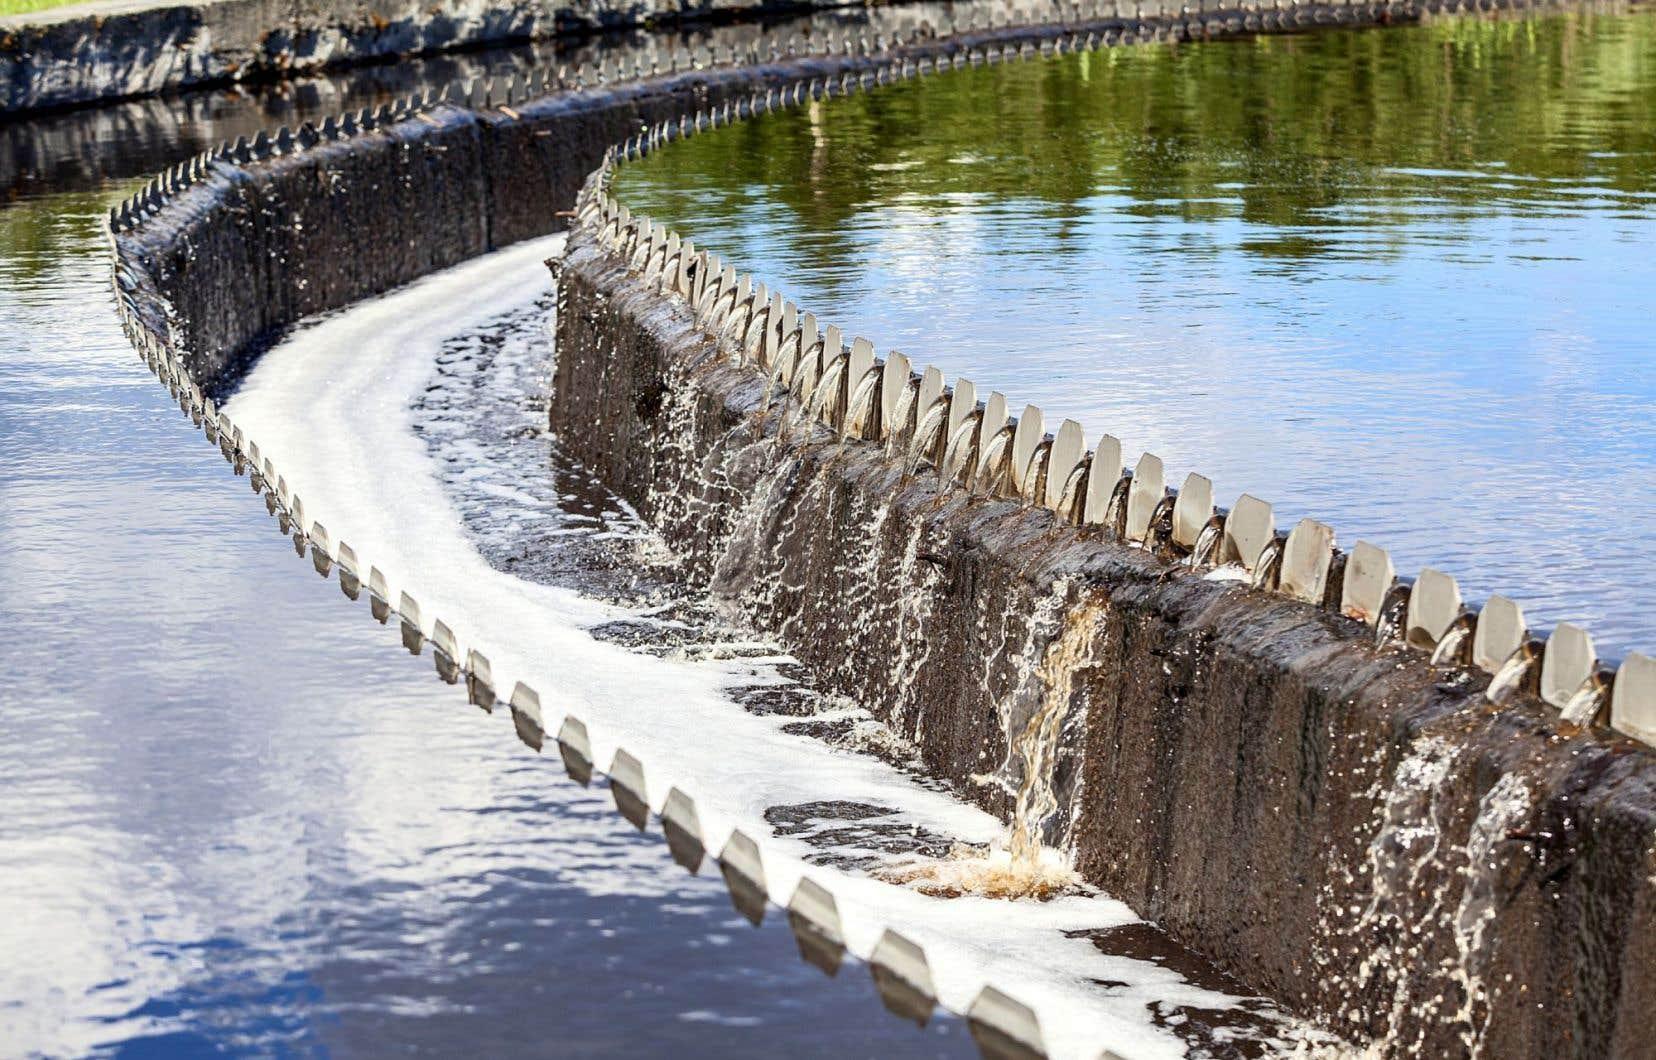 La Ville de Montréal prévoit la mise en service d'une unité d'ozonation dont l'objectif consiste à désinfecter, six mois par année, les eaux usées rejetées par l'agglomération dans le fleuve Saint-Laurent.